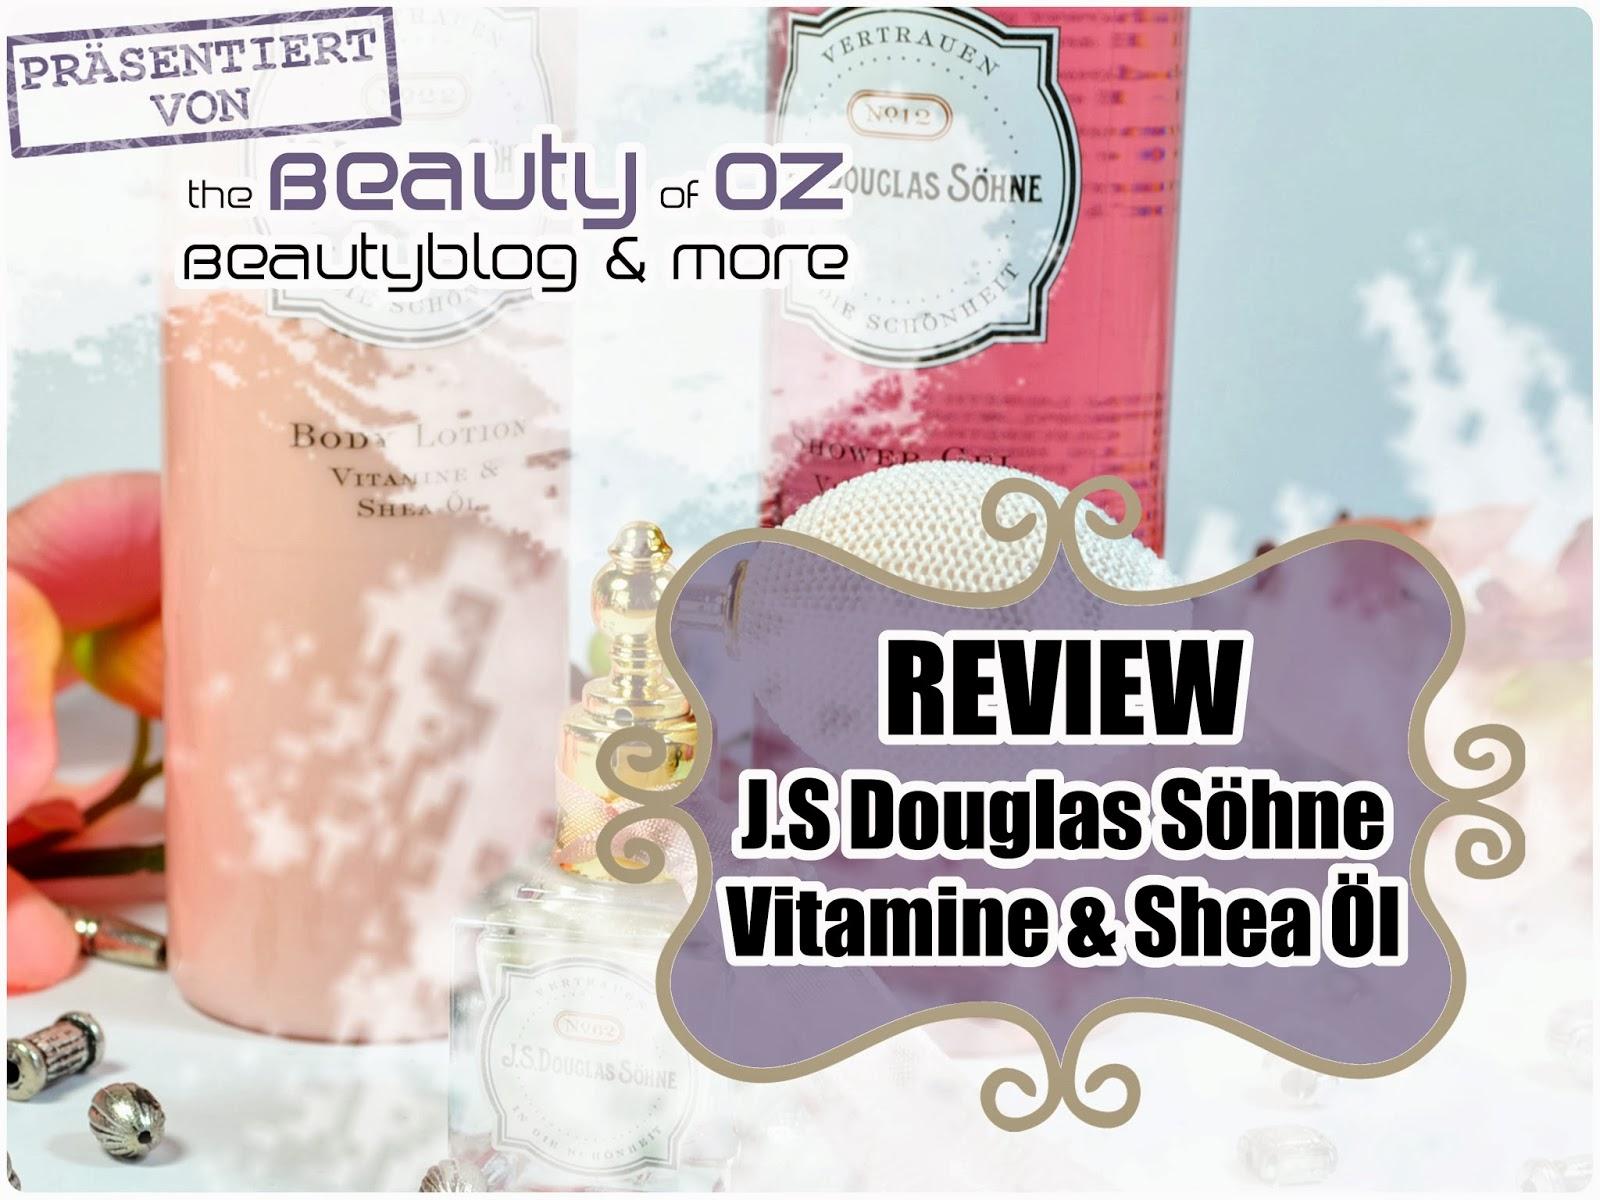 Review J.S Douglas Söhne VITAMINE & SHEA ÖL